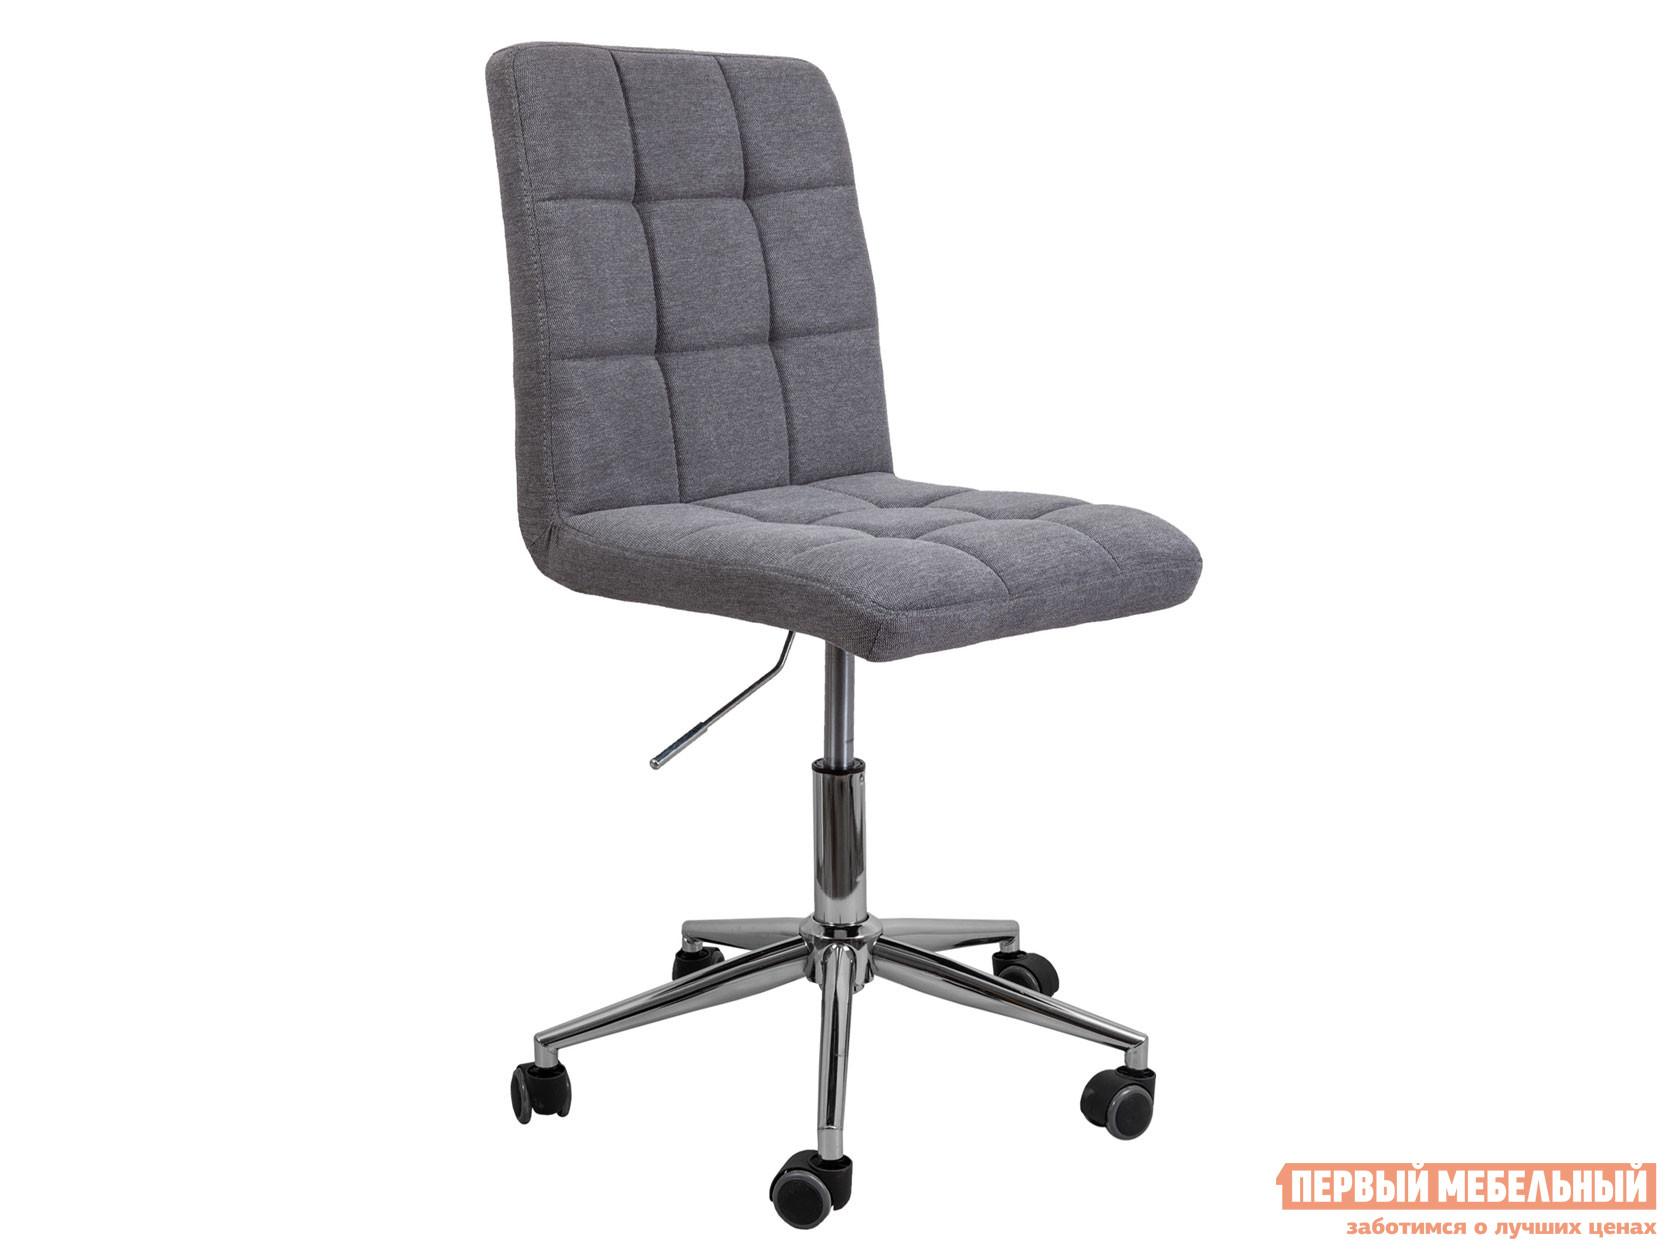 Офисное кресло  Стул FIJI, поворотный Серый, ткань / Хром Sedia 124912